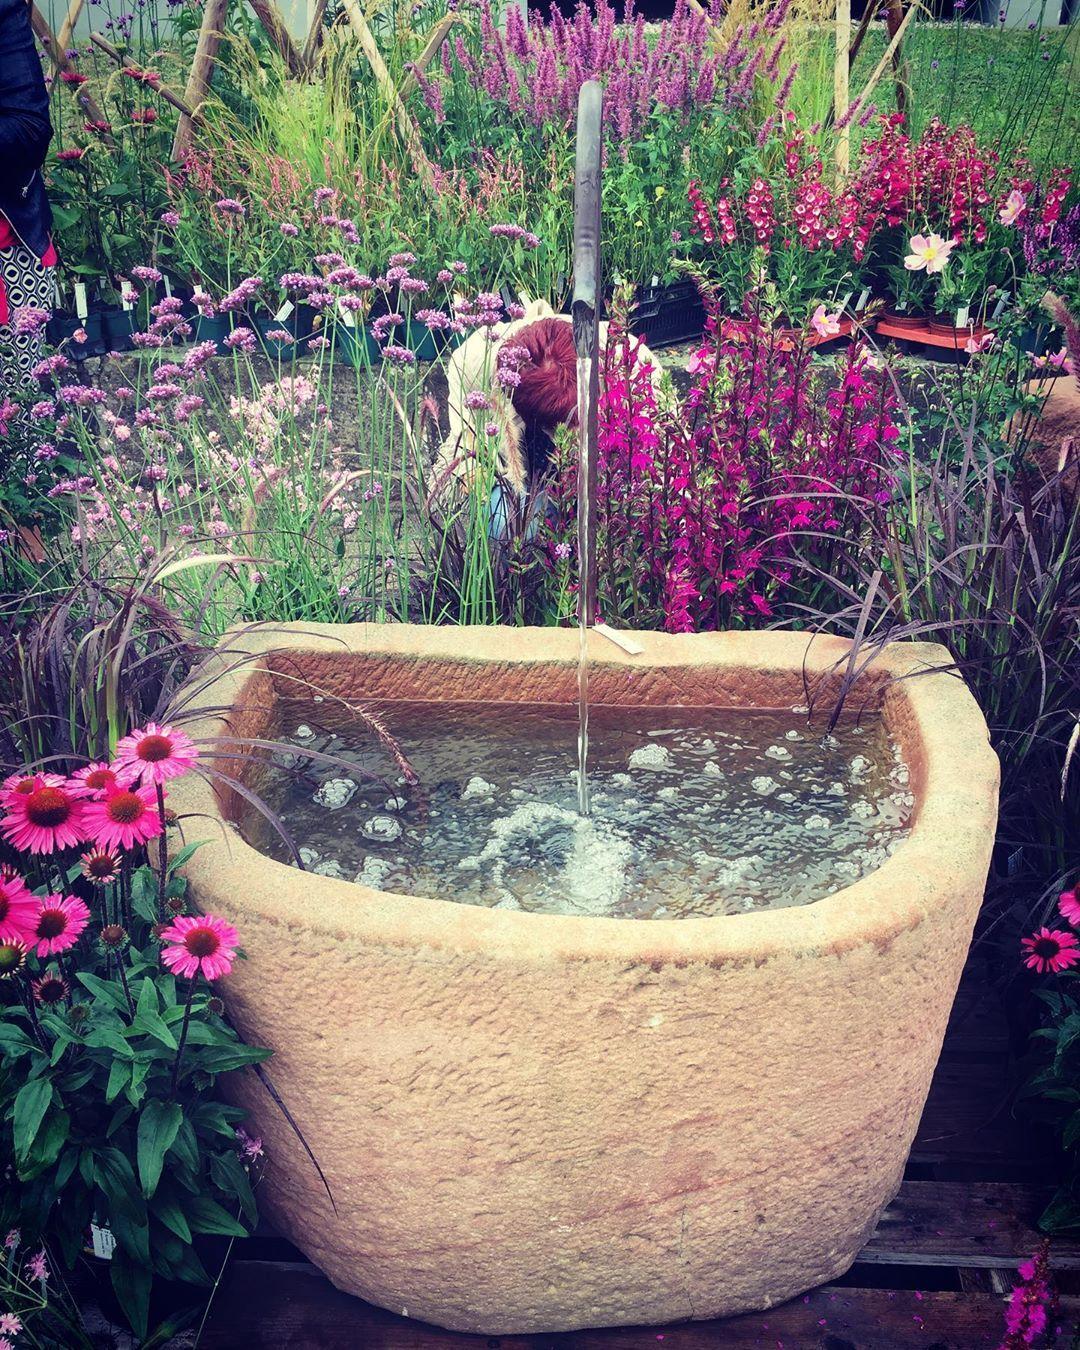 Gartengestaltung Gartentraum Gartenideen Wasser Wasserspiel Ruhepol Garten Ideen Garten Gartengestaltung